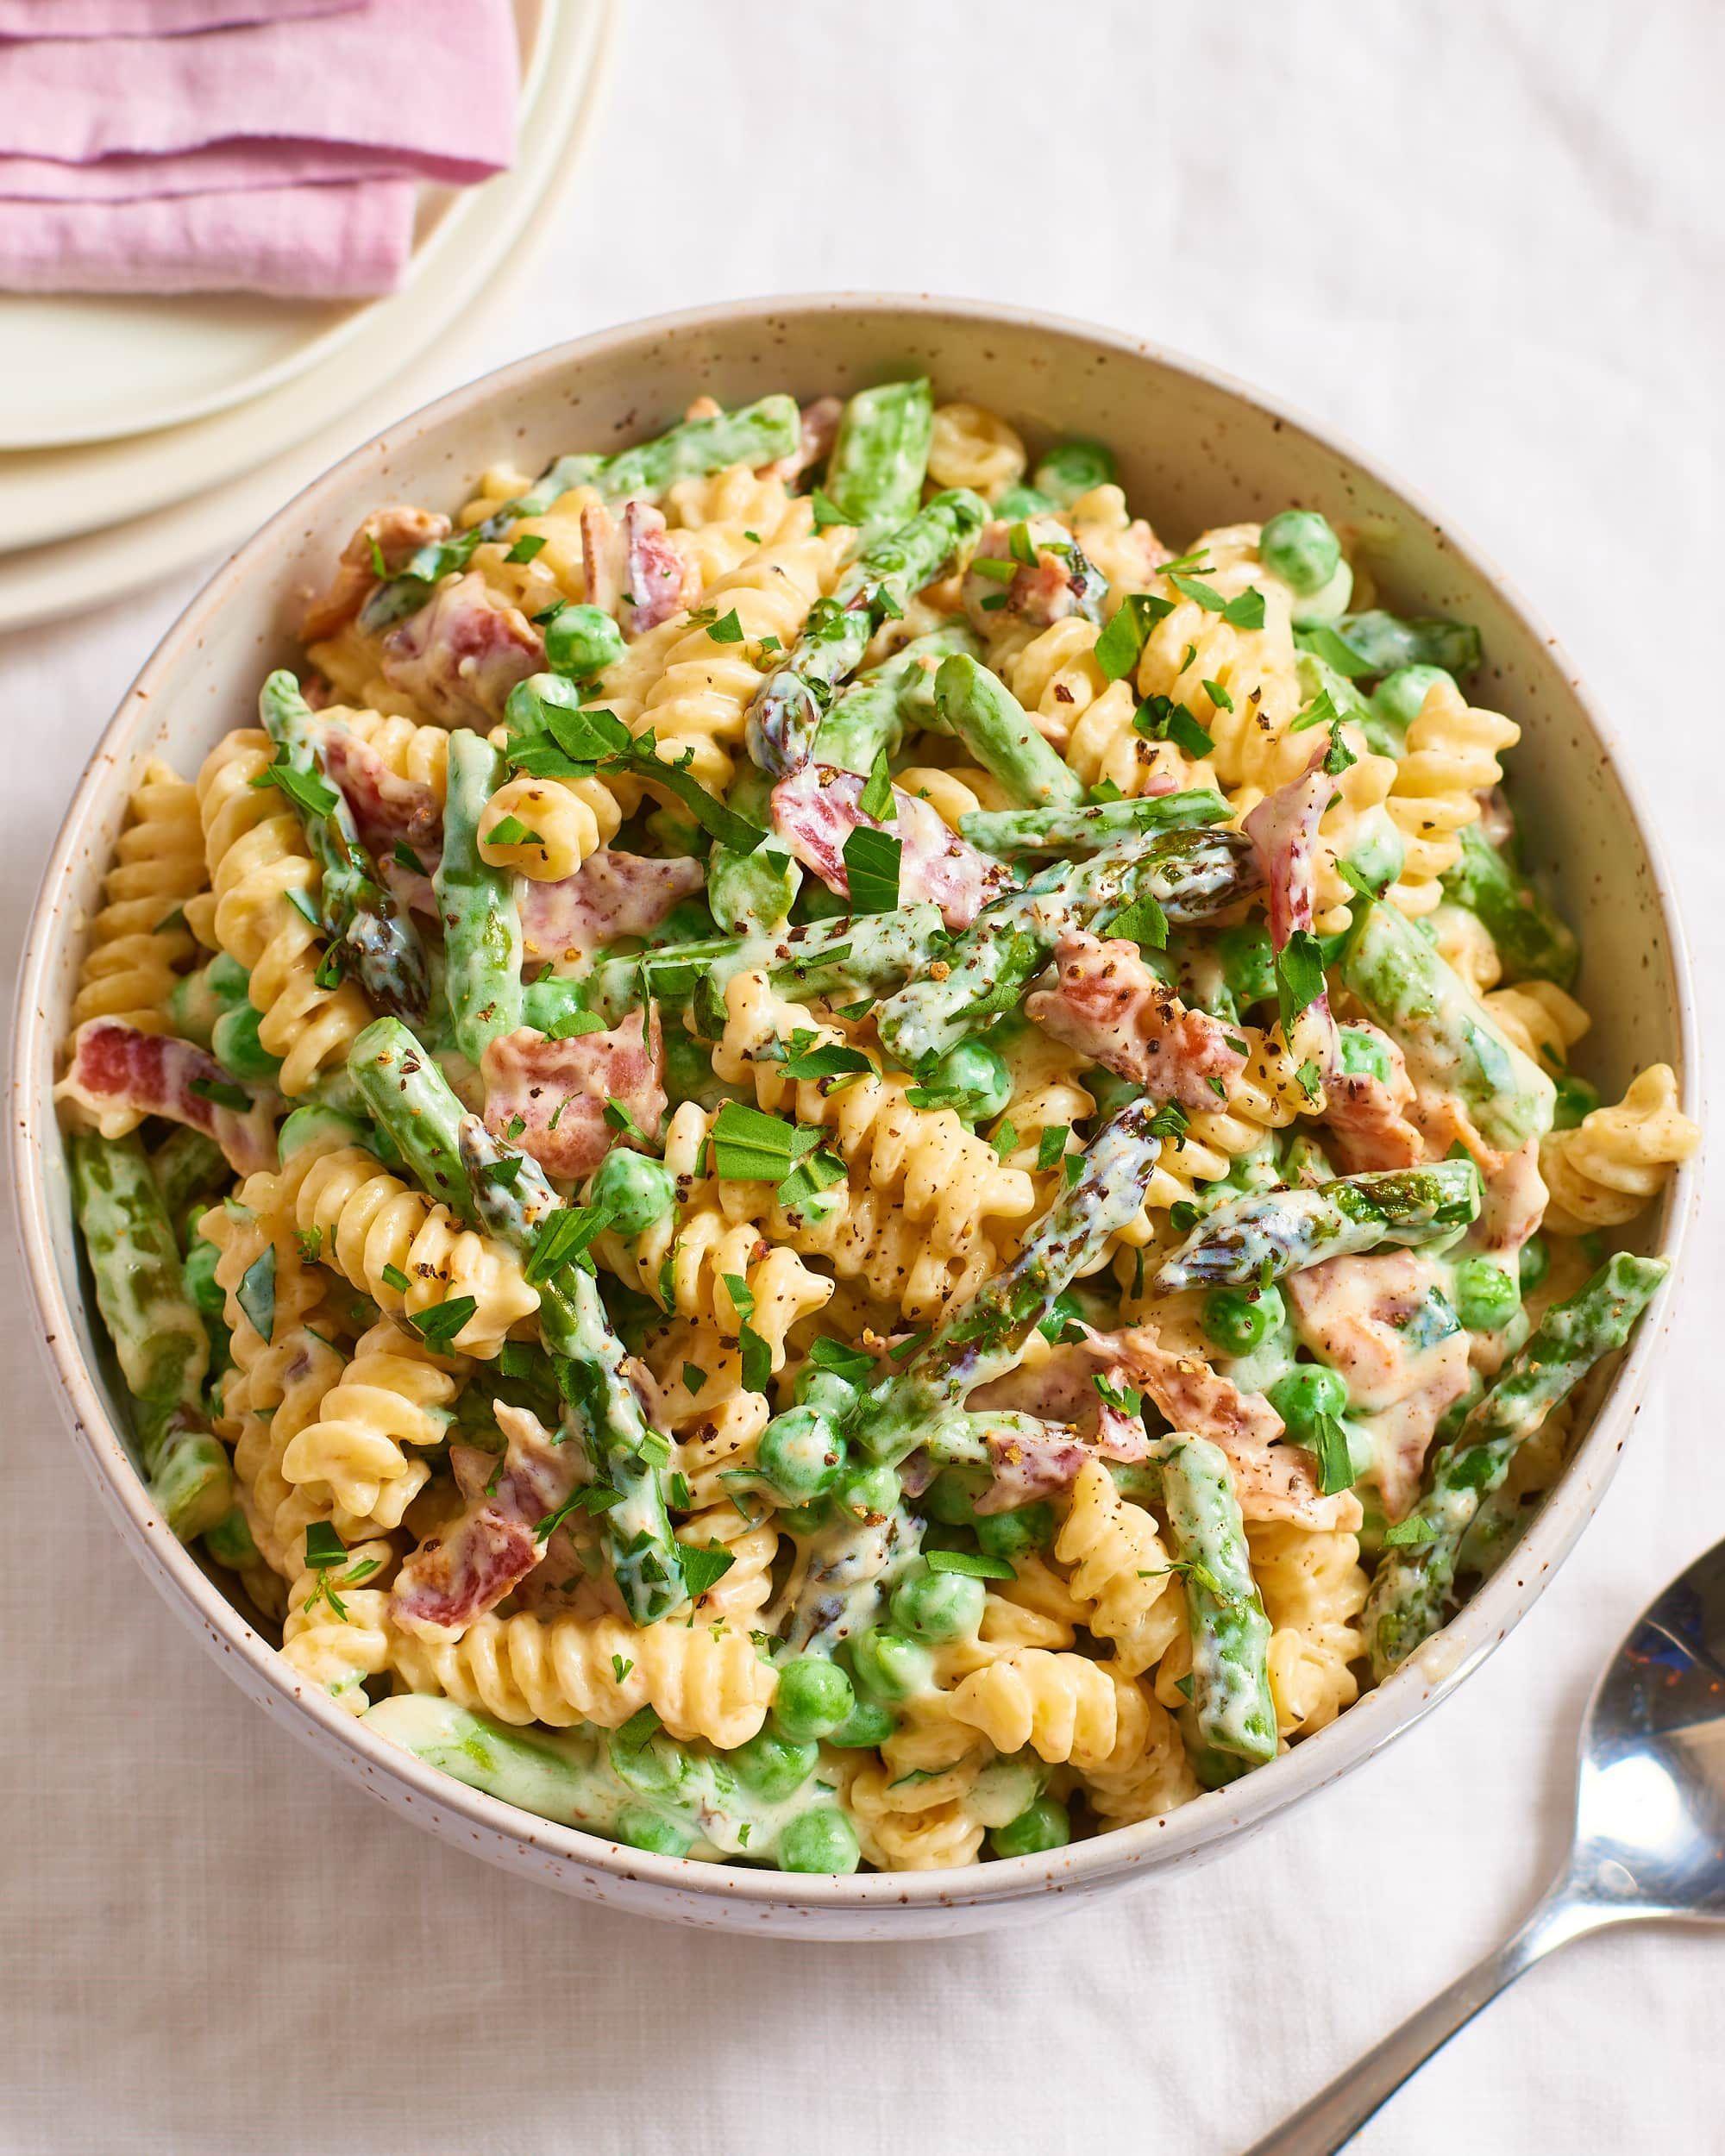 Asparagus And Bacon Pasta Recipe In 2020 Asparagus Bacon